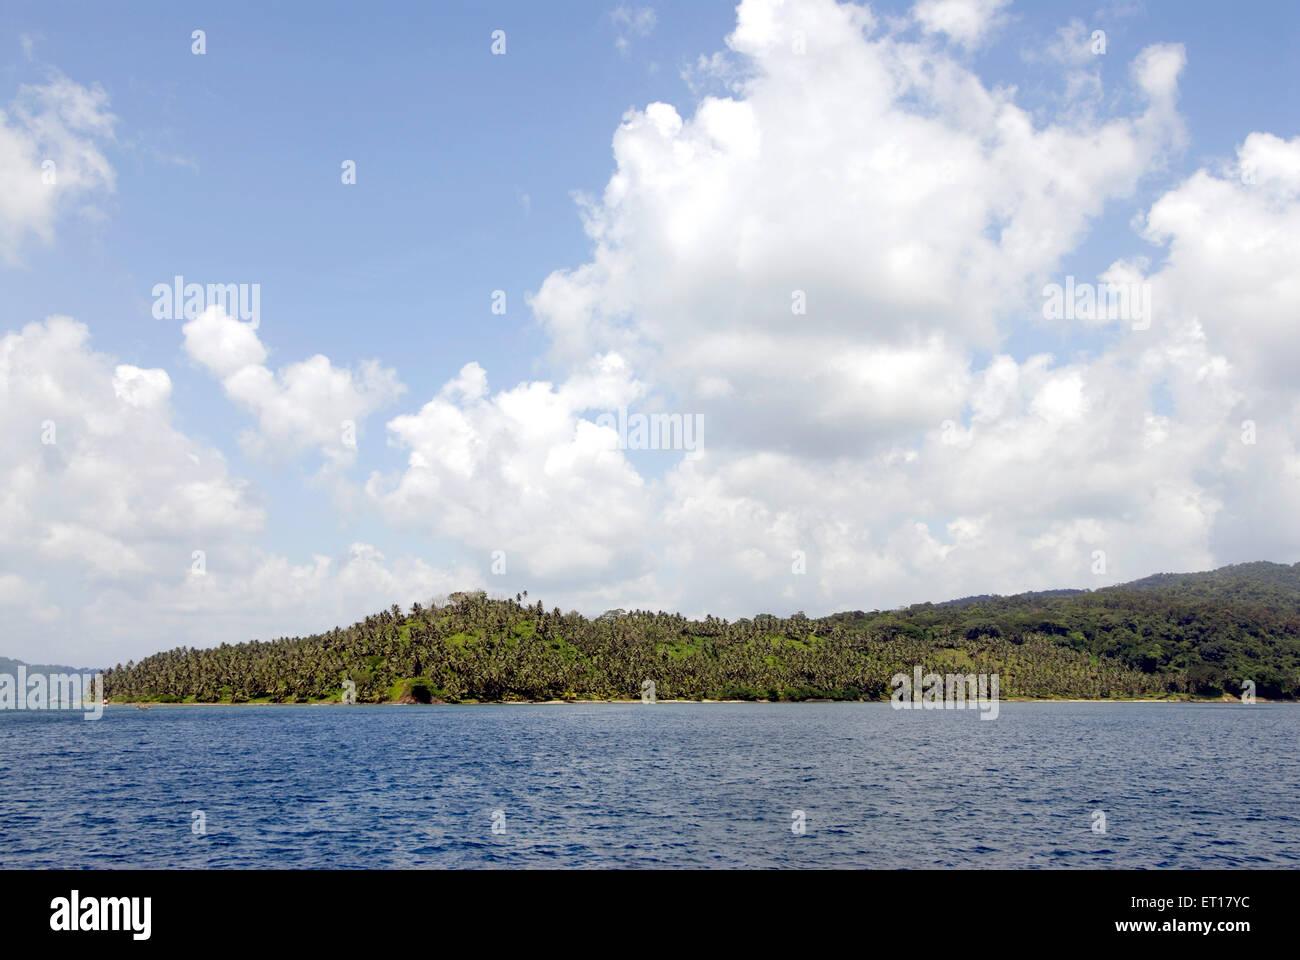 Jolly boya o Islas Redskin ; al sur las Islas Andamán ; Bahía de Bengala ; India Octubre 2008 Imagen De Stock